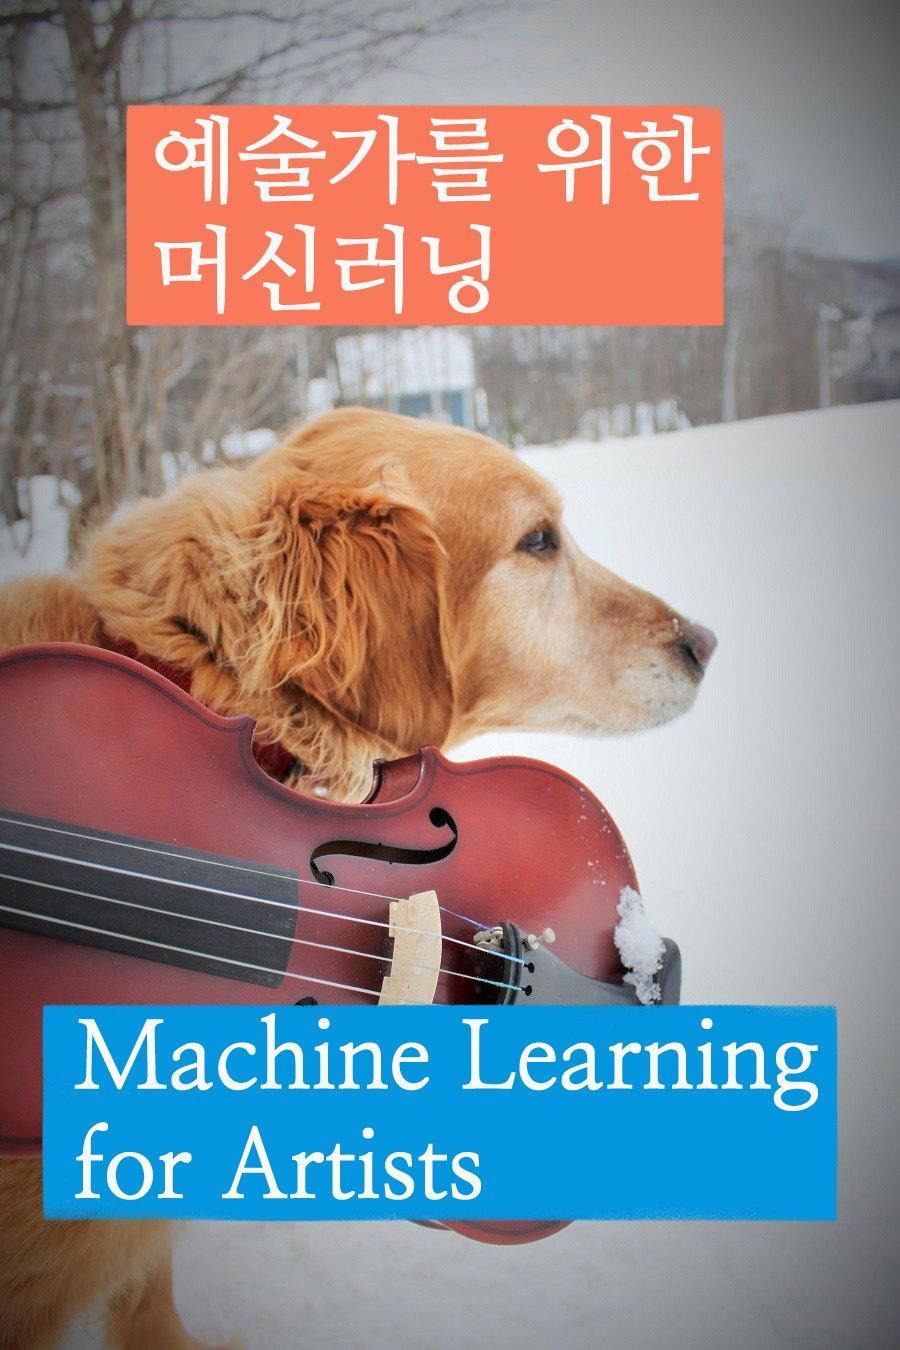 예술가를 위한 머신러닝 – 음악가, 작가, 화가를 위한 딥러닝 1. 시리즈 개요와 AI 음악 🎵